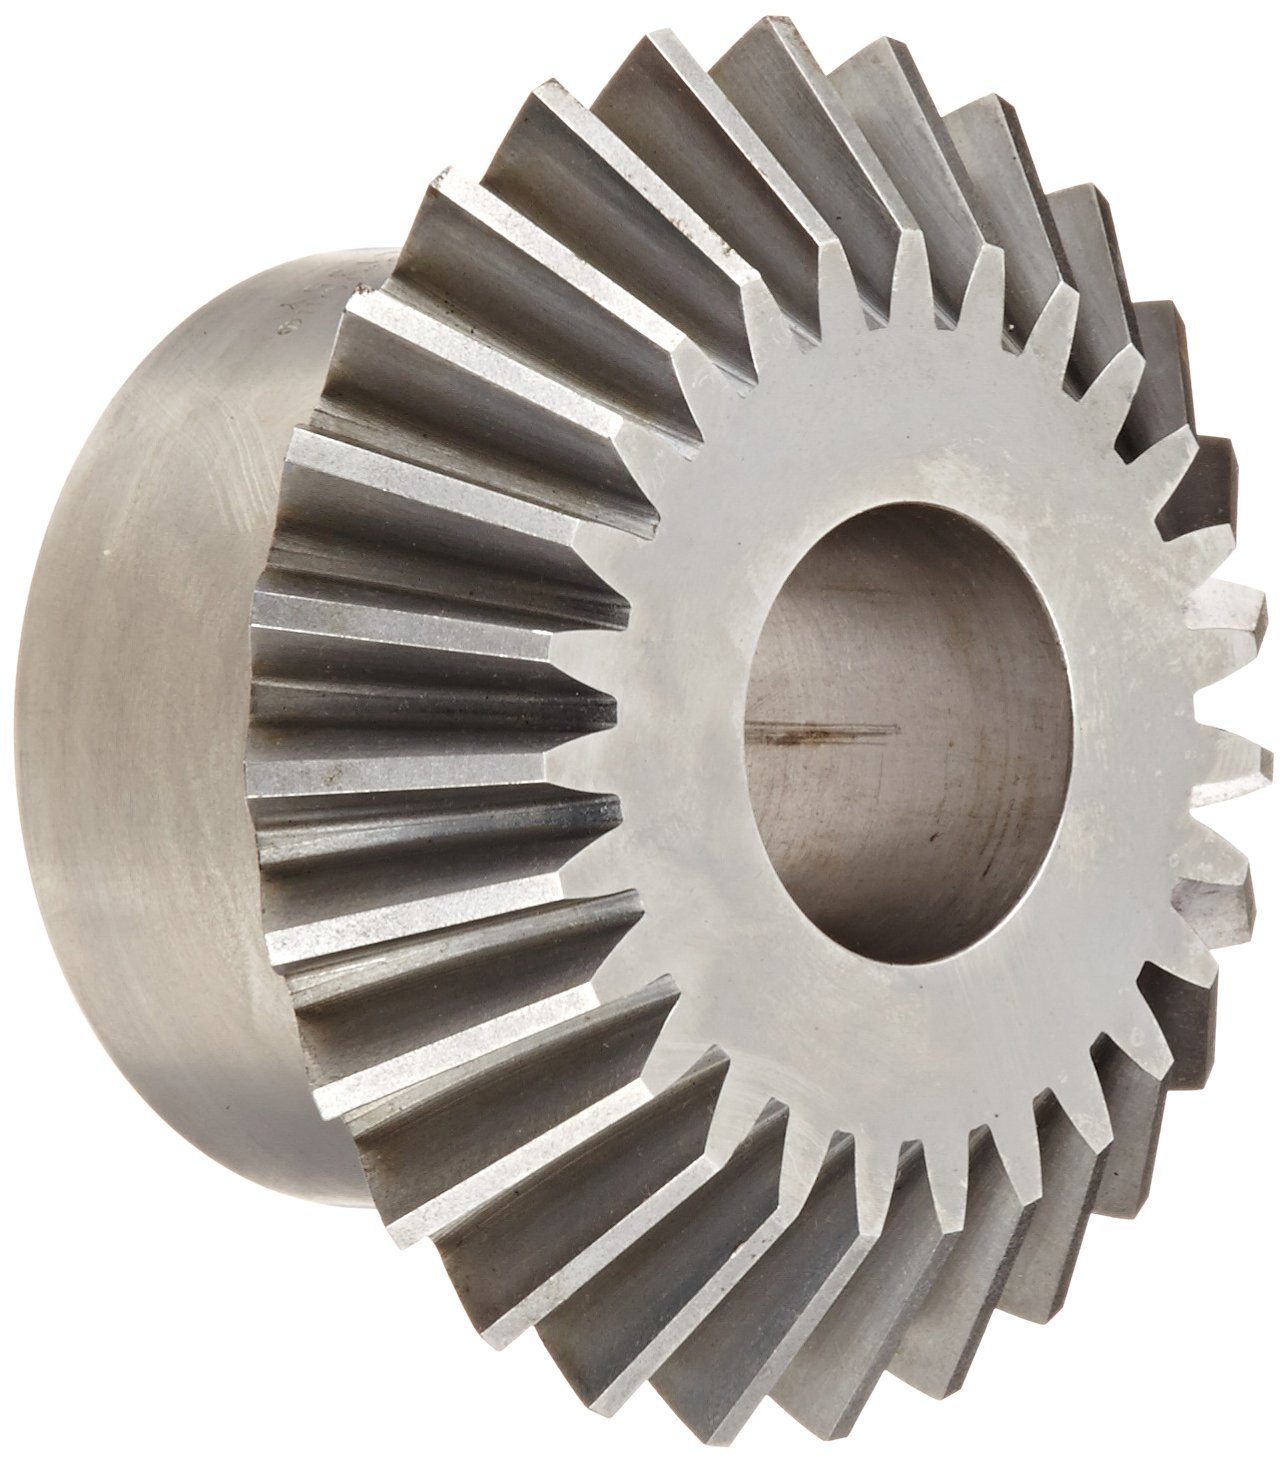 Boston Gear L Series Miter Gear, 1:1 Ratio, 20 Degree Pressure Angle, Straight Miter, Plain Bore, Steel